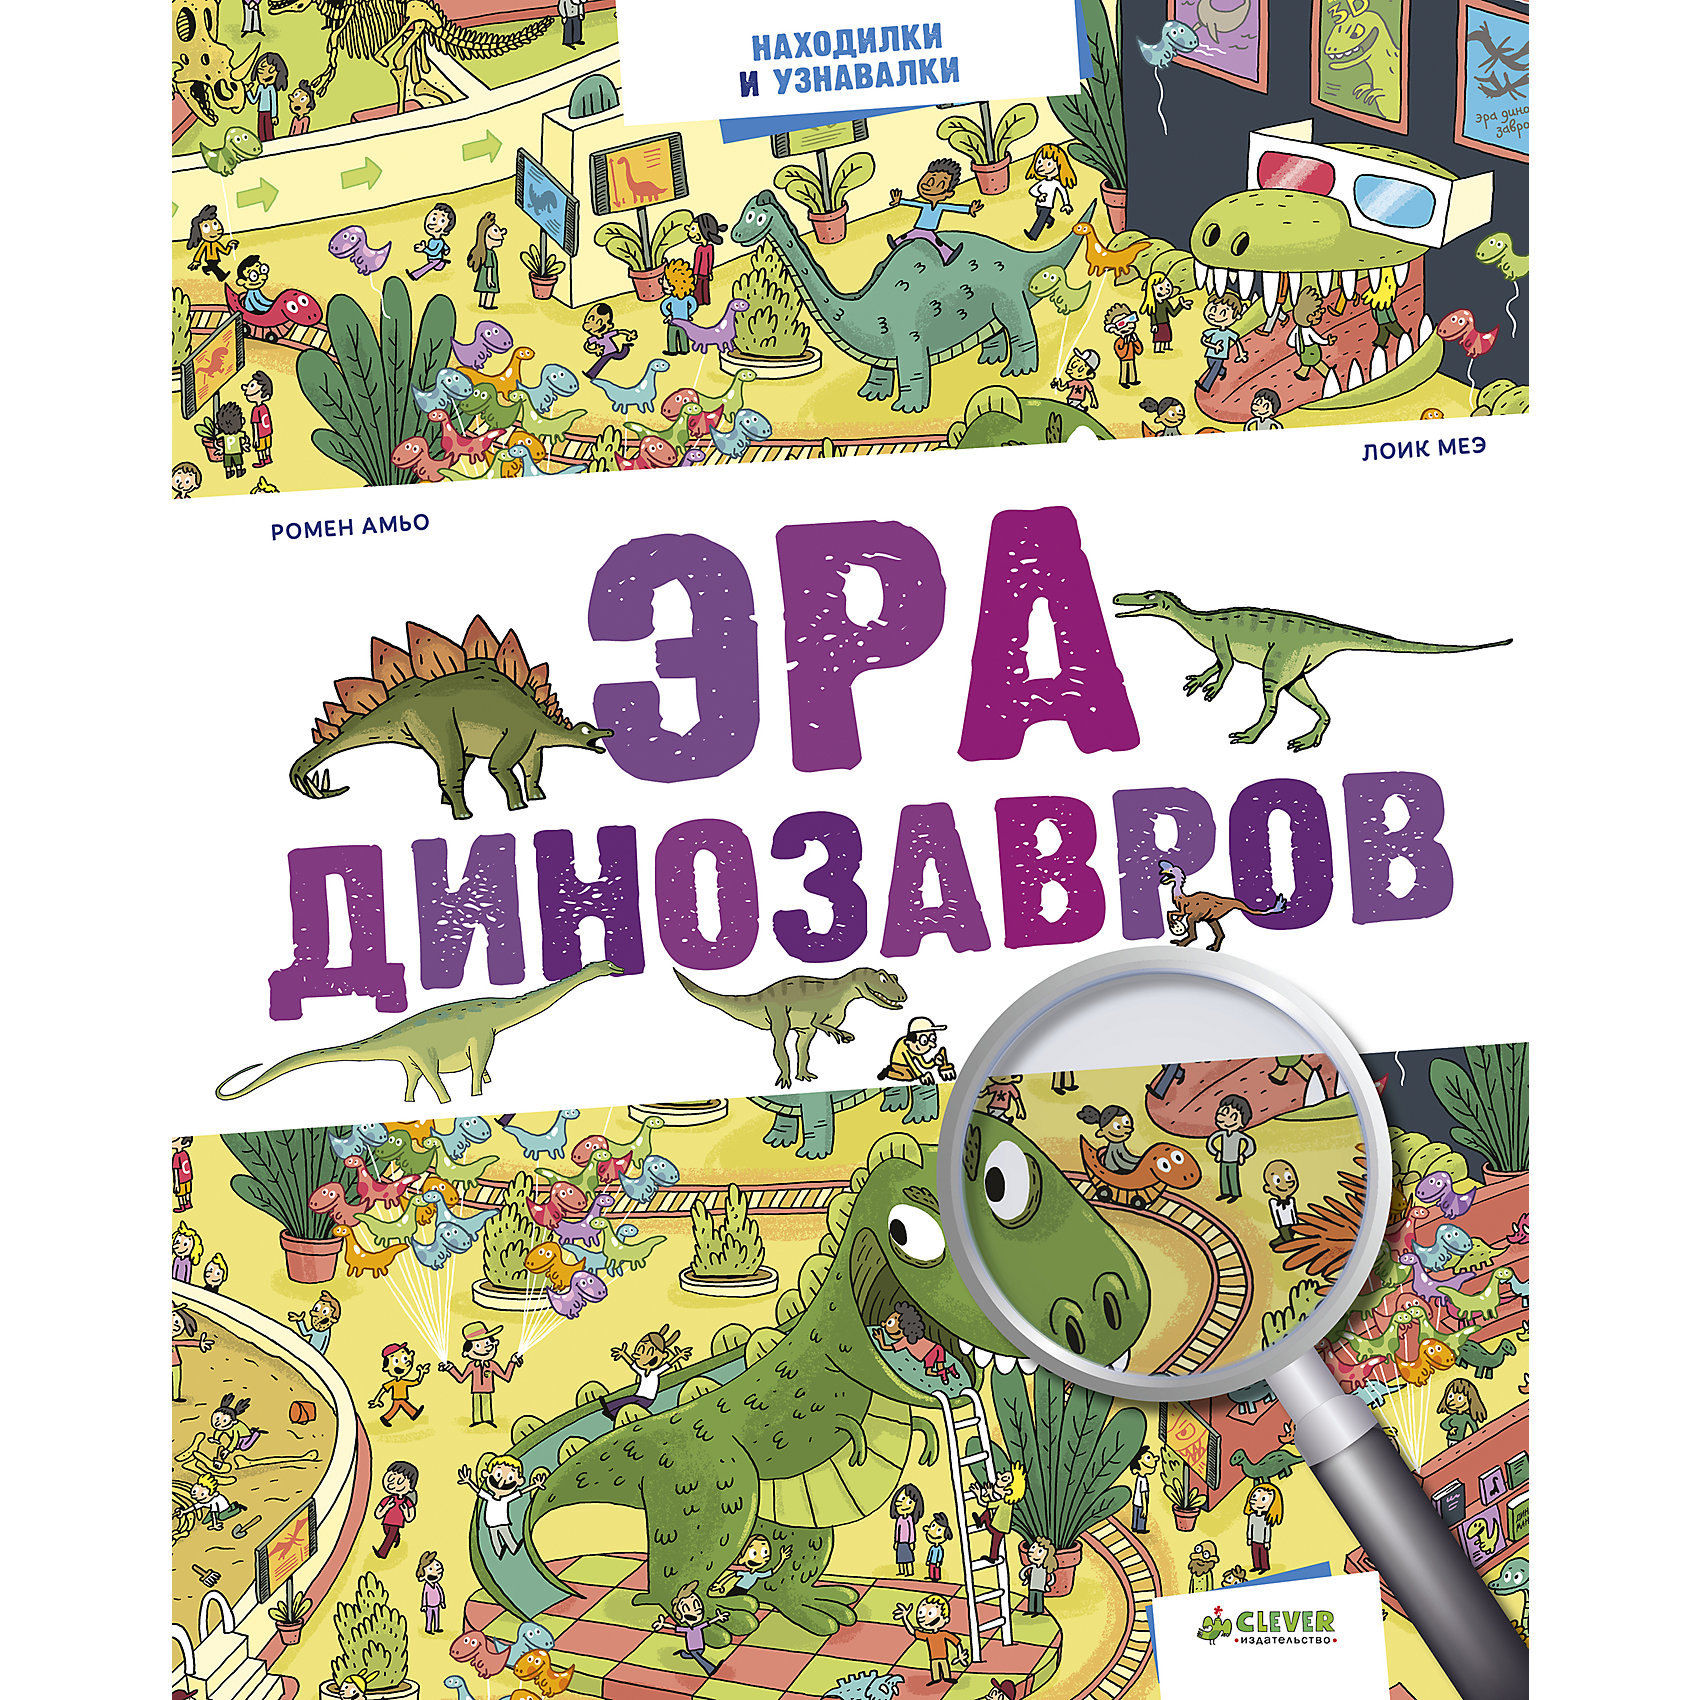 Эра динозавровПодготовка к школе<br>Эра динозавров.<br><br>Характеристики:<br><br>- Формат издания :245x340 мм (большой формат).<br>- Количество страниц: 32.<br>- Год выпуска: 2016.<br>- Издательство: Клевер- Медиа- Групп.<br>- Серия: Находилки и узнавалки.<br><br>На страницах этой книги затерялись тираннозавр рекс, спинозавр, диплодок и велоцираптор. Сможешь ли ты их найти?<br>- Краткое описание временного периода.<br>- Интересная и познавательная информация.<br>- Динозавры, которых надо найти.<br>- Панорамная картинка.  Играй, учись и веселись!<br>С такой книгой путешествие по Эре динозавров  станет занимательным и увлекательным для вашего ребенка!<br><br>Эра динозавров, можно купить в нашем интернет – магазине.<br><br>Ширина мм: 300<br>Глубина мм: 240<br>Высота мм: 8<br>Вес г: 440<br>Возраст от месяцев: 84<br>Возраст до месяцев: 132<br>Пол: Унисекс<br>Возраст: Детский<br>SKU: 5377808